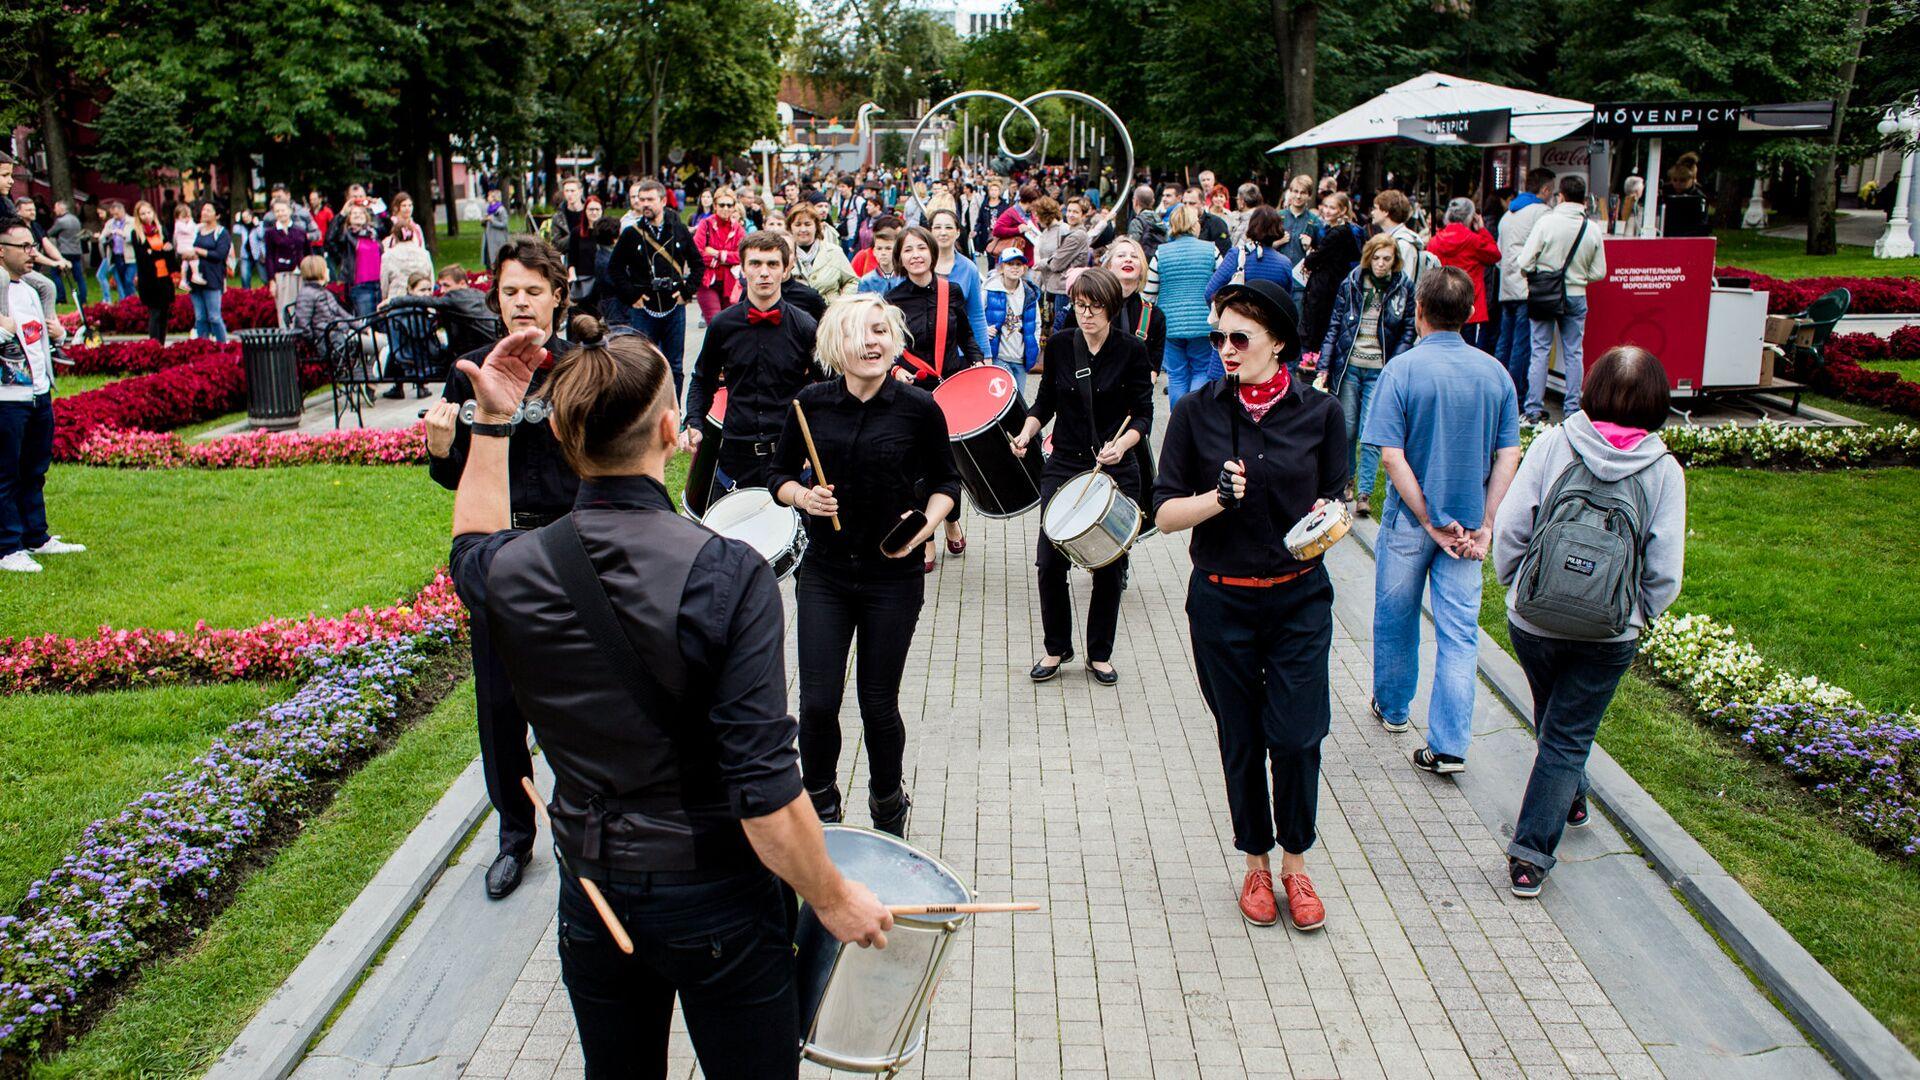 Фестиваль Театральный марш откроет новый сезон в Москве в день города - РИА Новости, 1920, 31.08.2020